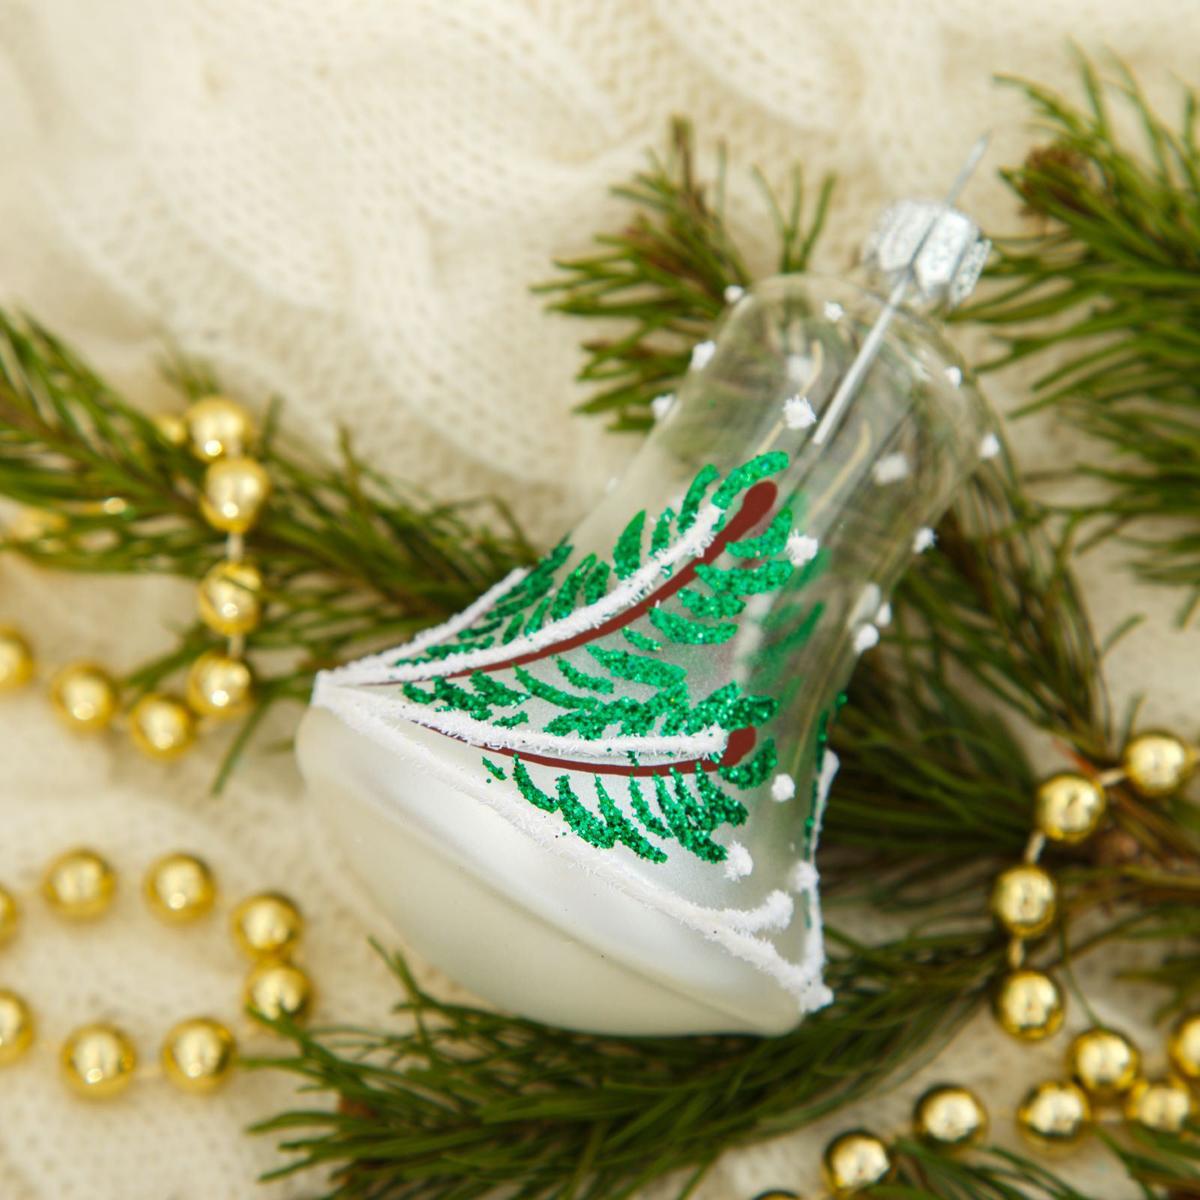 Новогоднее подвесное украшение Ёлочка Еловый колокольчик, 6 х 6 х 12,5 см2564824Новогоднее подвесное украшение Ёлочка отлично подойдет для декорации вашего дома и новогодней ели. Новогоднее украшение можно повесить в любом понравившемся вам месте. Но, конечно, удачнее всего оно будет смотреться на праздничной елке.Елочная игрушка - символ Нового года. Она несет в себе волшебство и красоту праздника. Такое украшение создаст в вашем доме атмосферу праздника, веселья и радости.